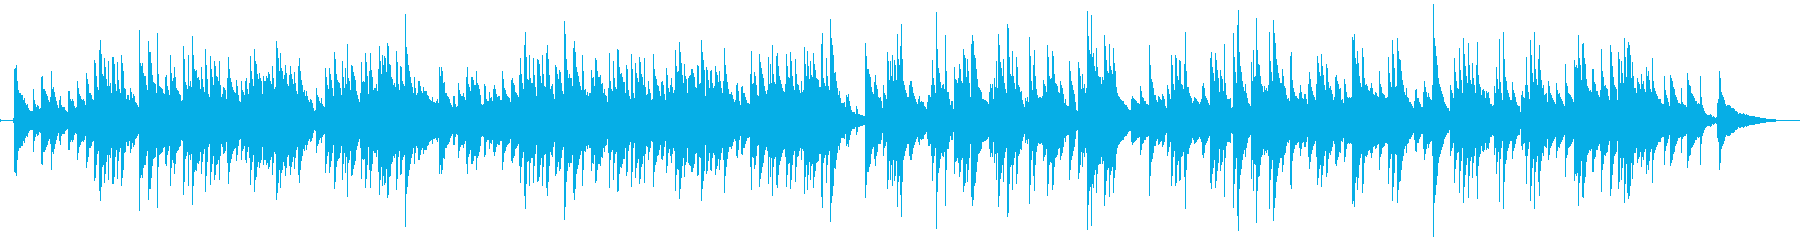 伝統的 ジャズ ビバップ フュージ...の再生済みの波形